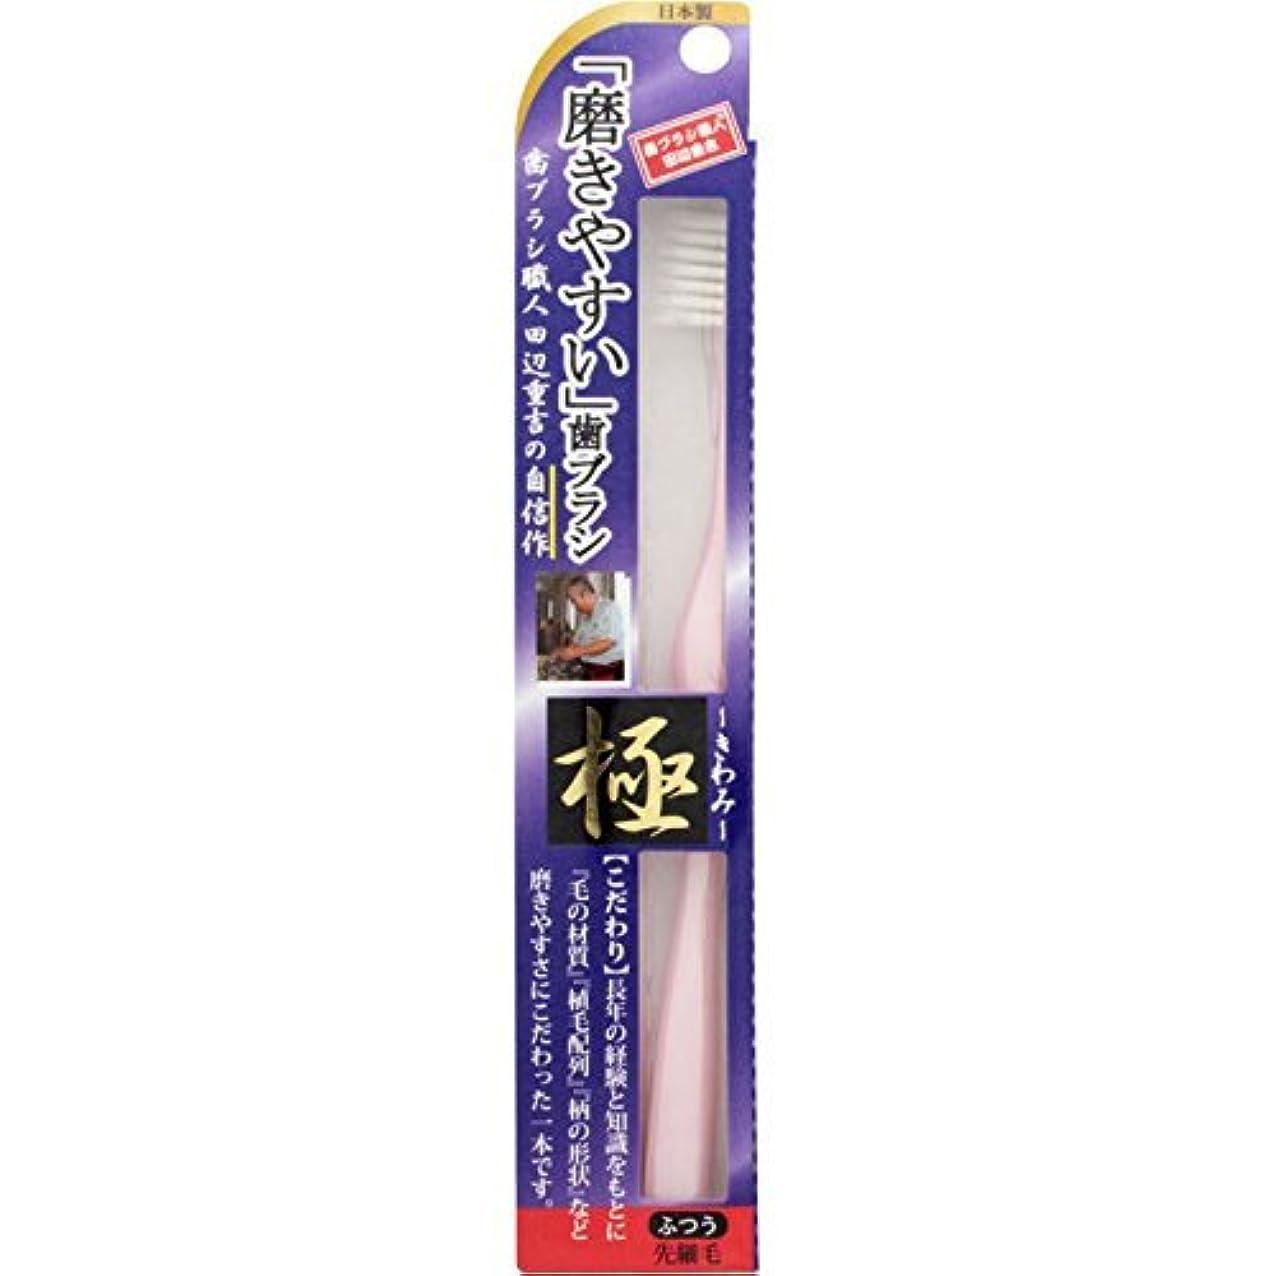 リンスインレイサンドイッチ【まとめ買い】磨きやすい歯ブラシ 極 LT-22 ×24個